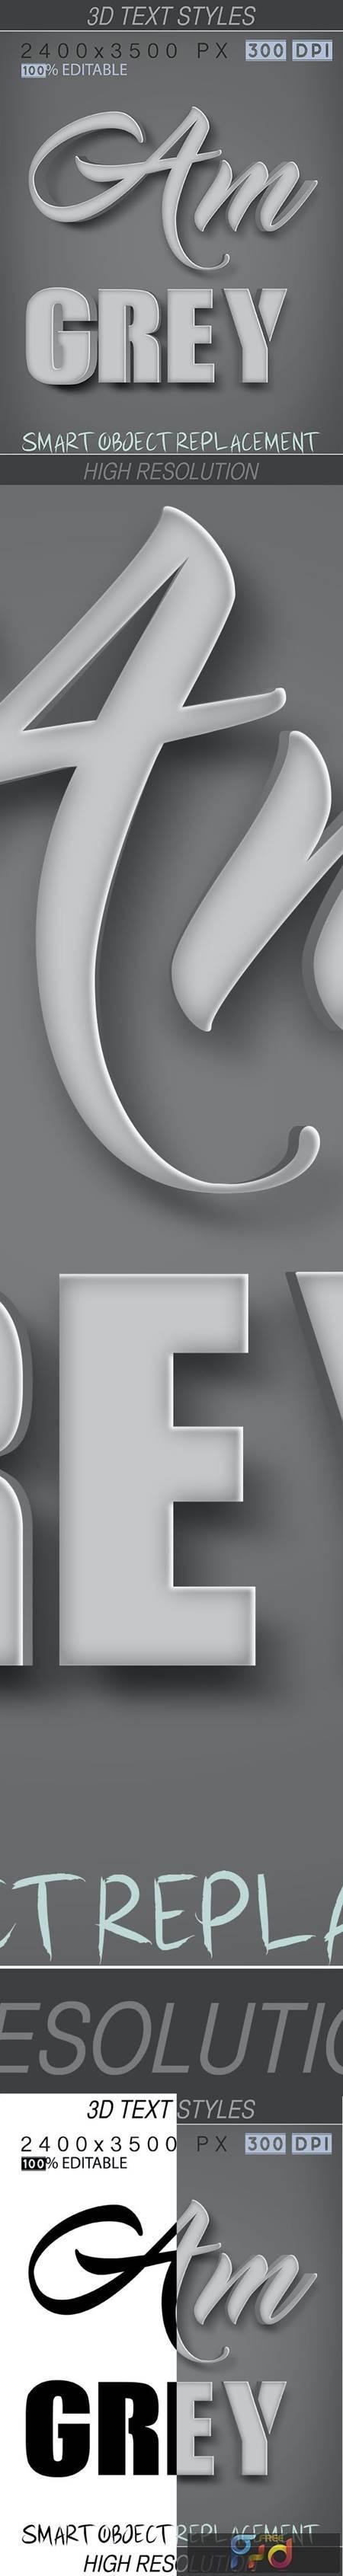 3D Text Styles Grey 26649735 1